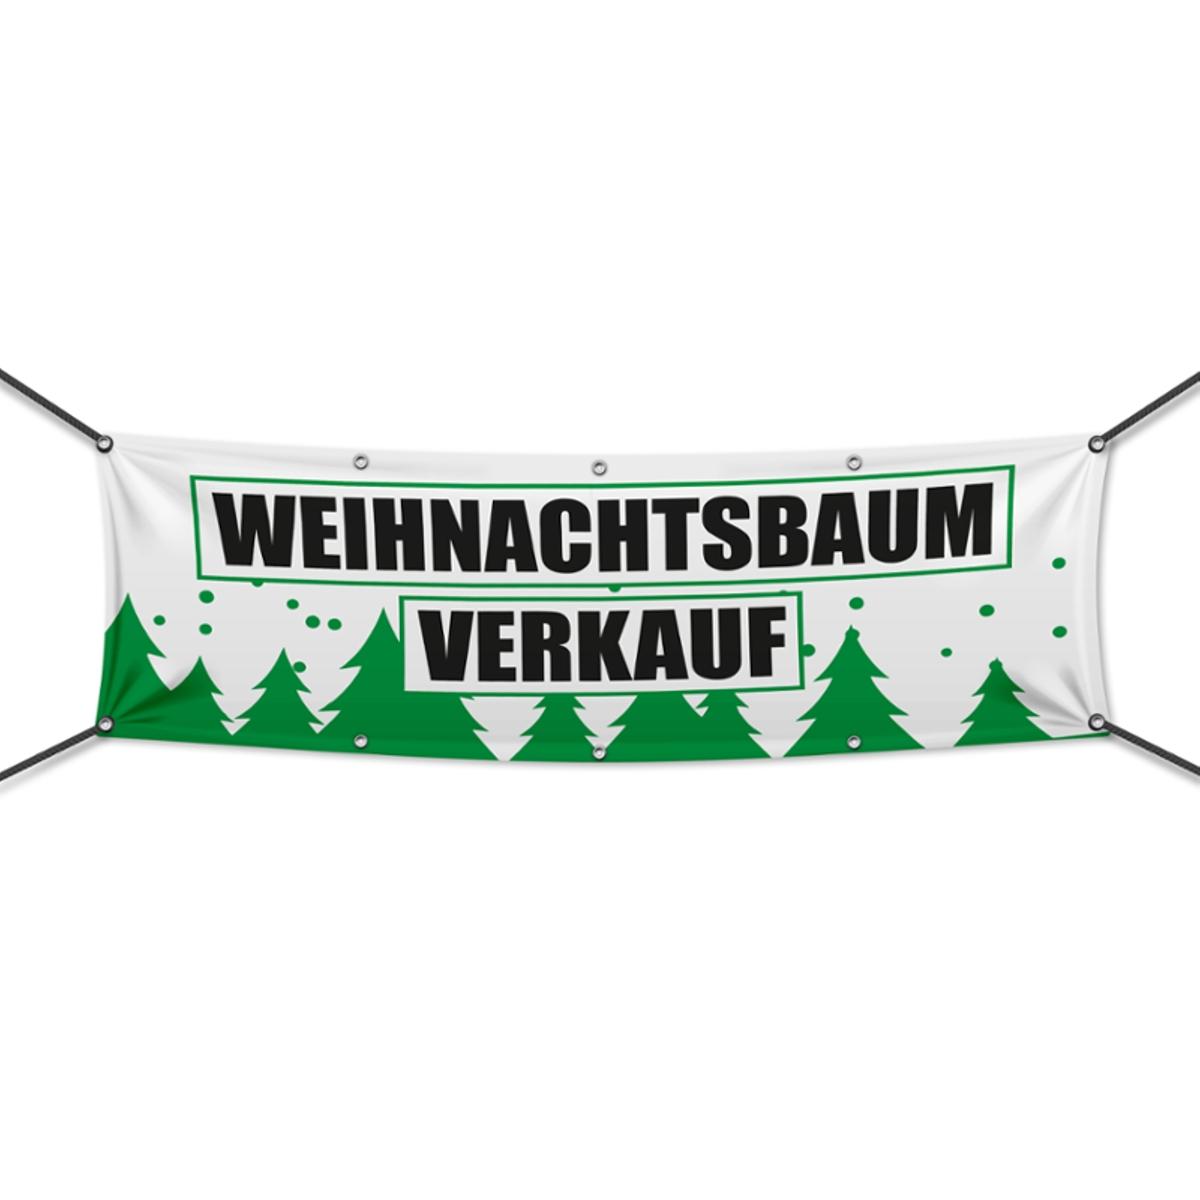 Werbebanner Werbeplane verschiedene Größen PVC Feuerwerksverkauf v1 Banner